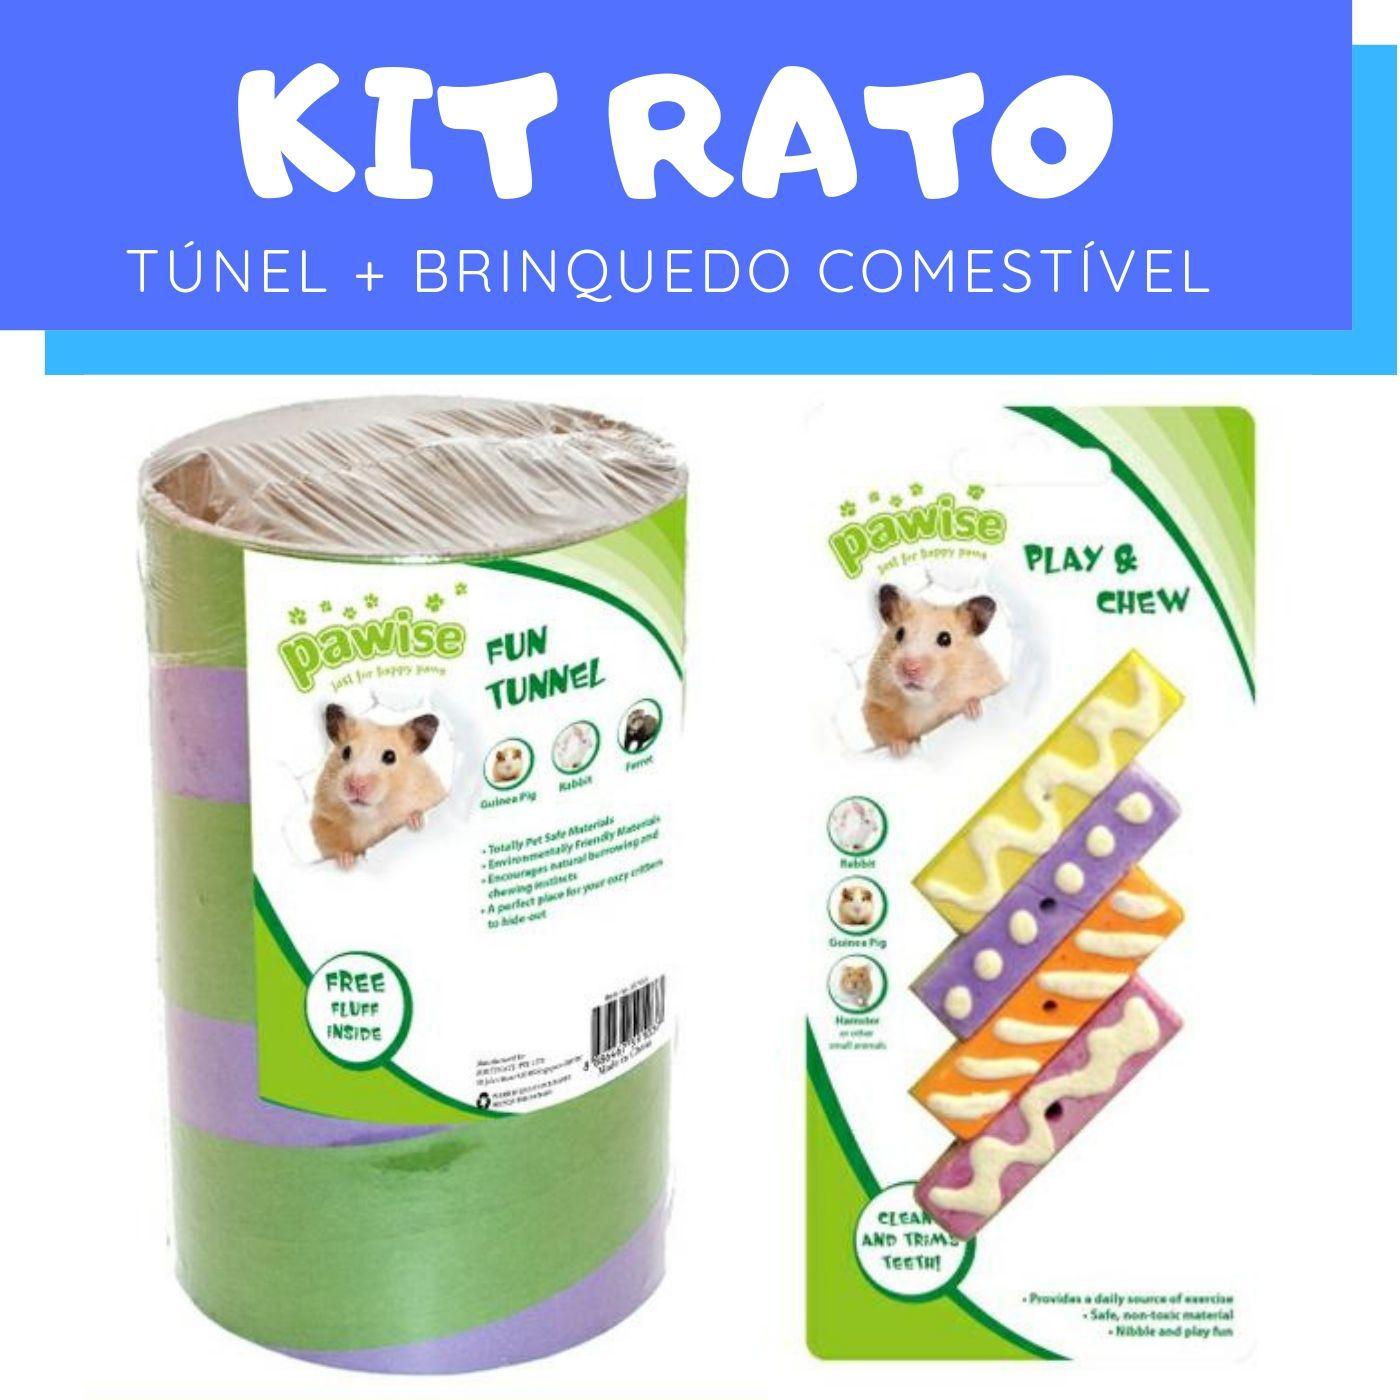 Brinquedo para Rato Túnel e Mordedor Pawise